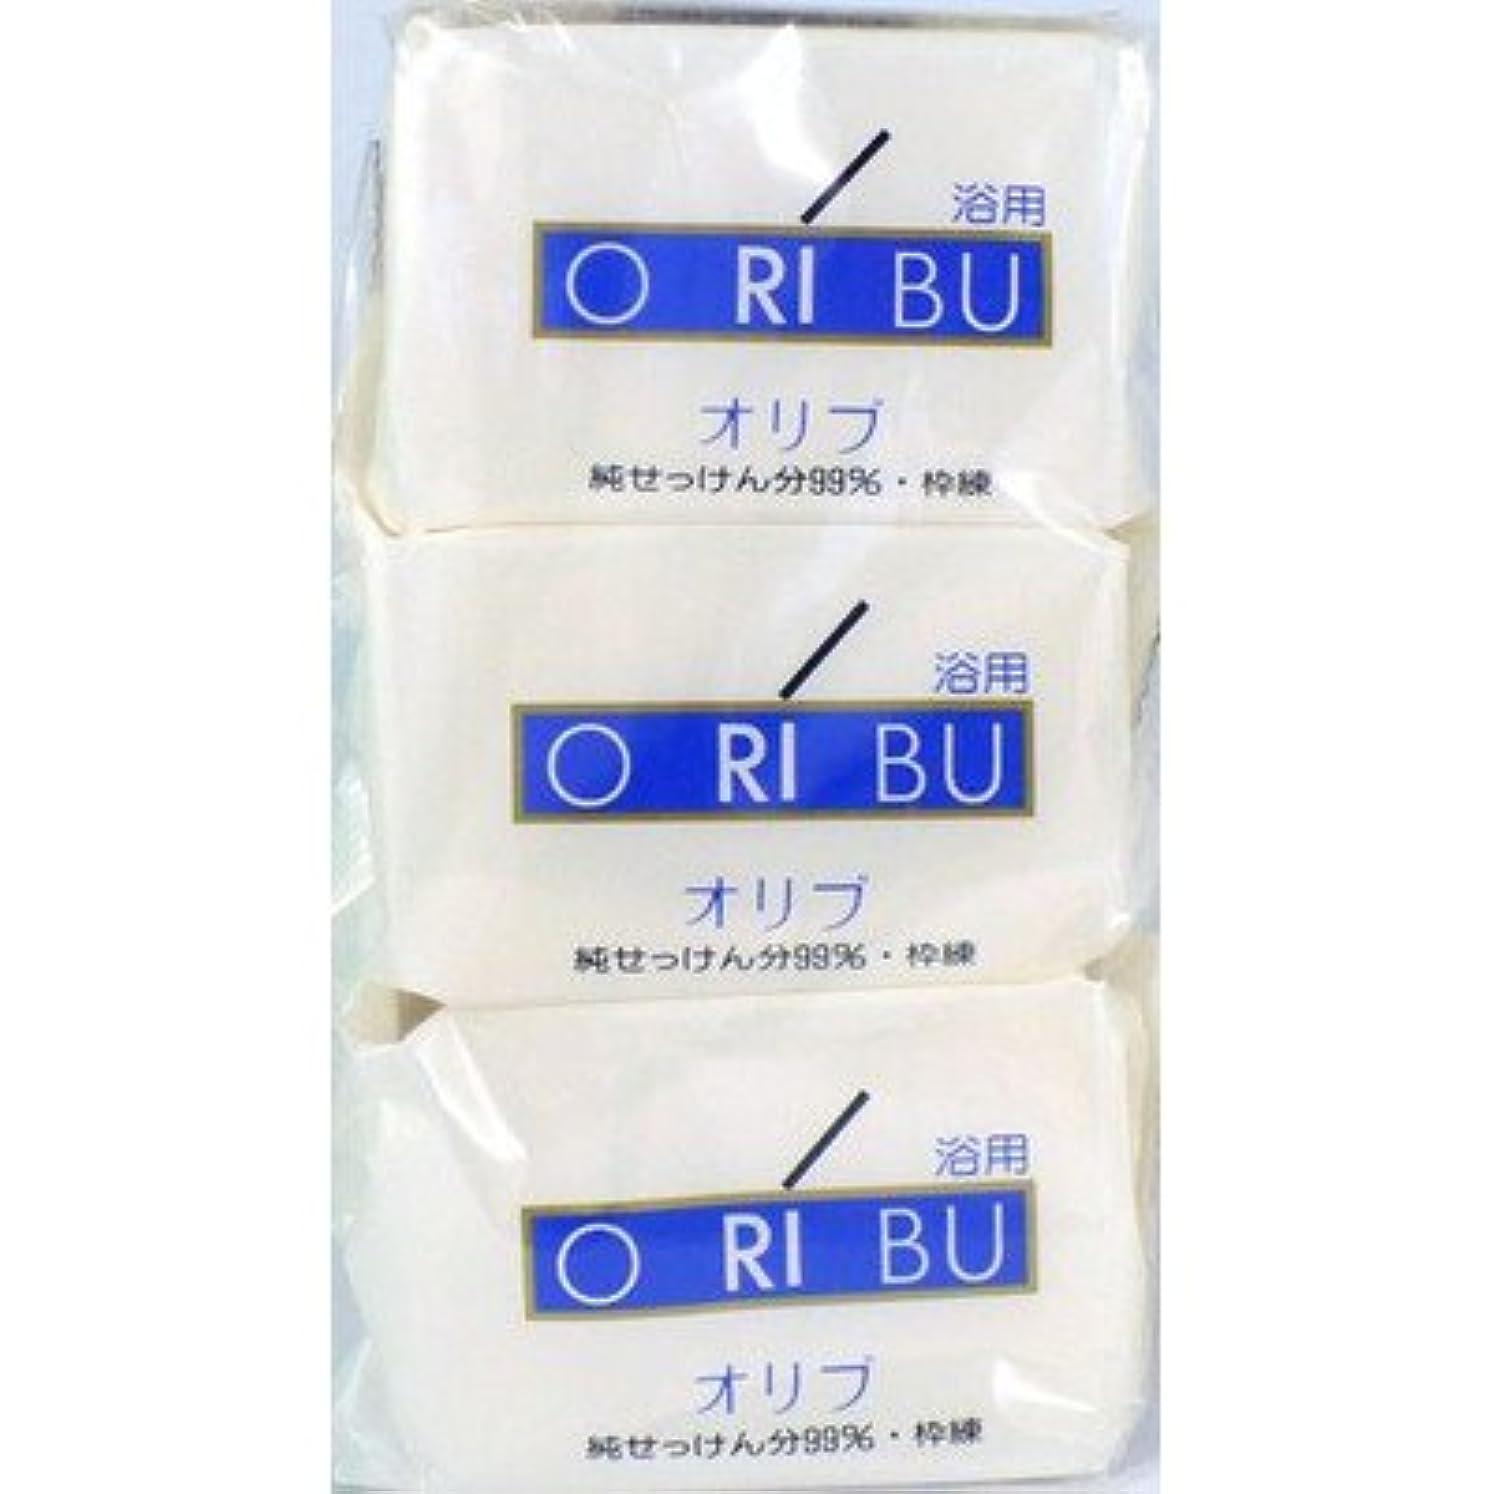 しっとり教師の日真向こう暁石鹸 ORIBU オリブ 浴用石鹸 110g 3個入り